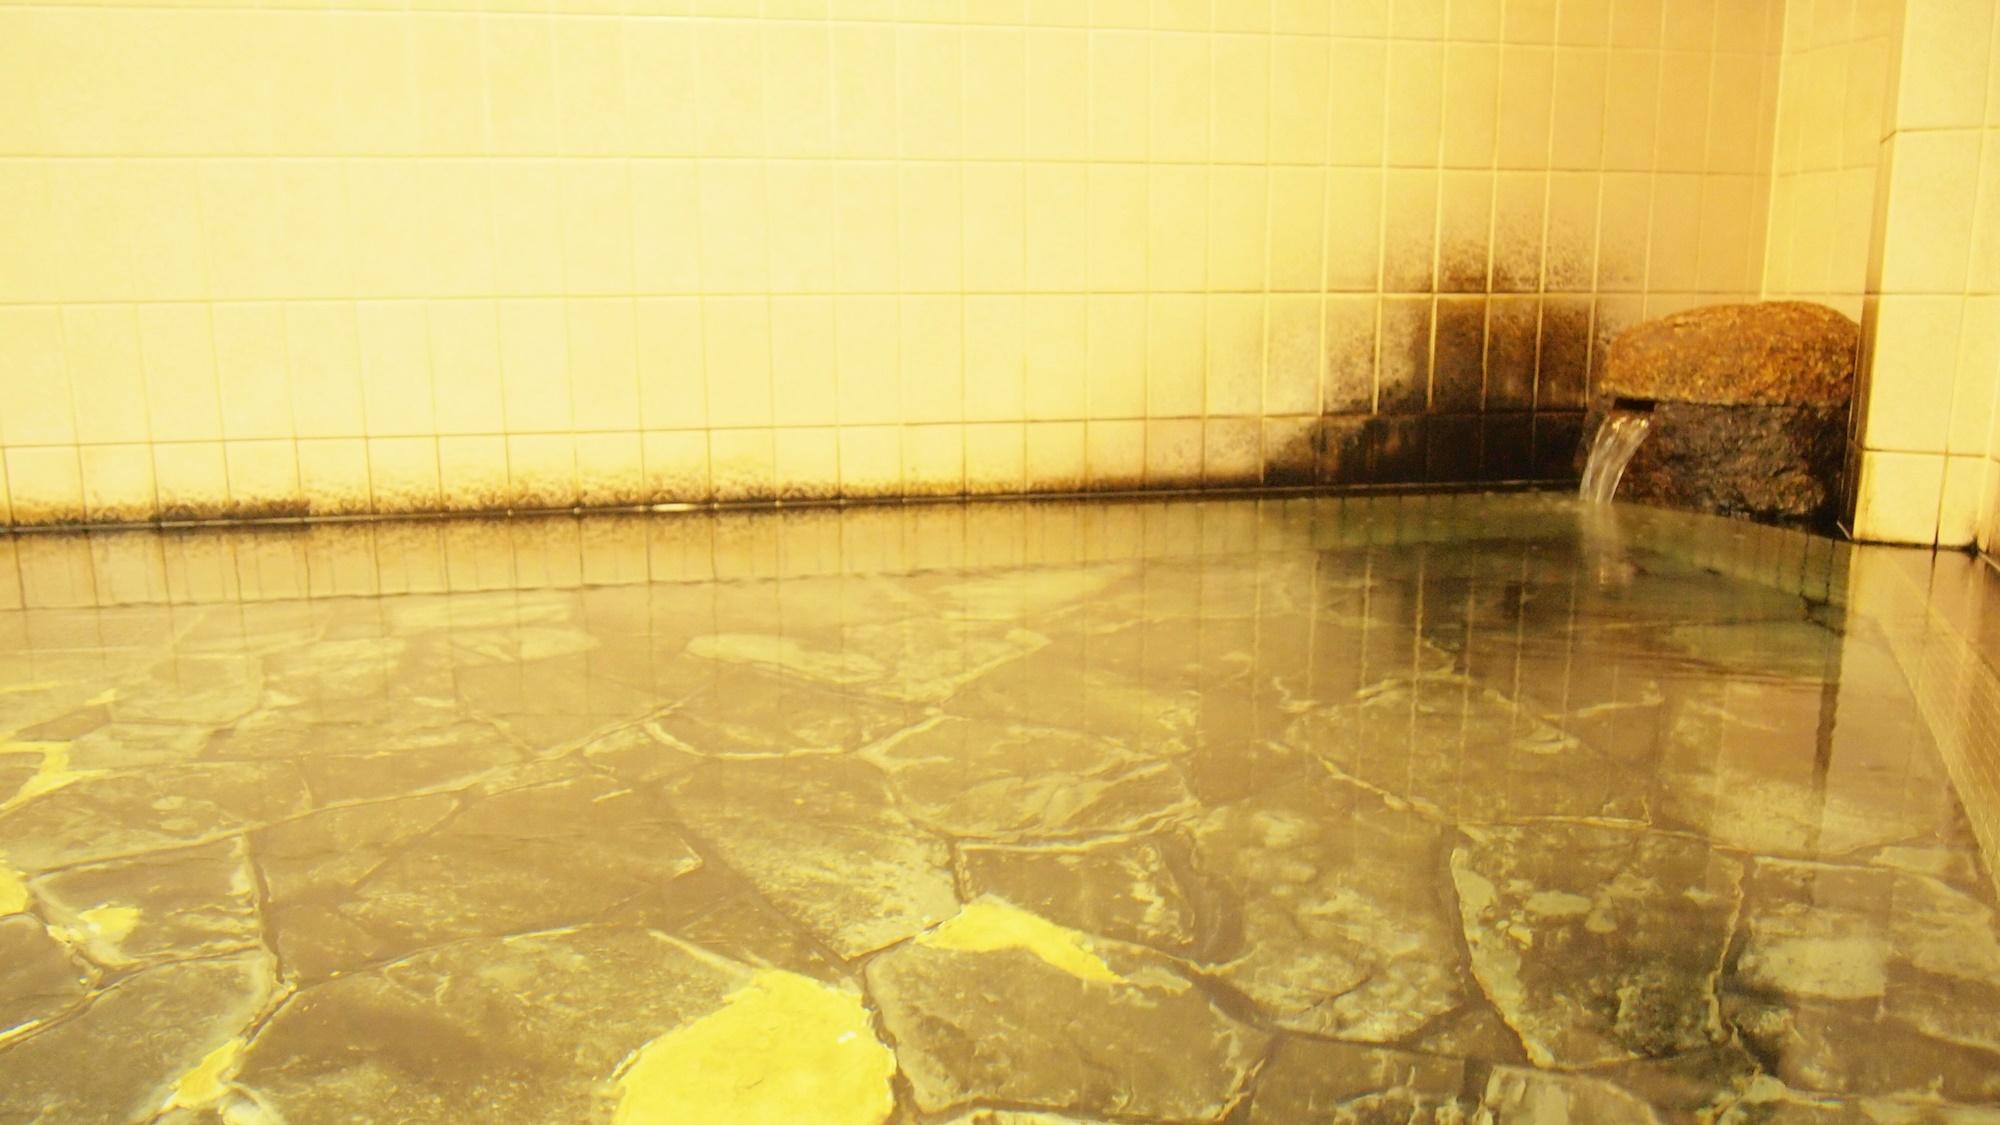 *【風呂】豊富なラドン(含有量17.45マッヘ単位/kg)を含んだ尾道屈指の温泉です。